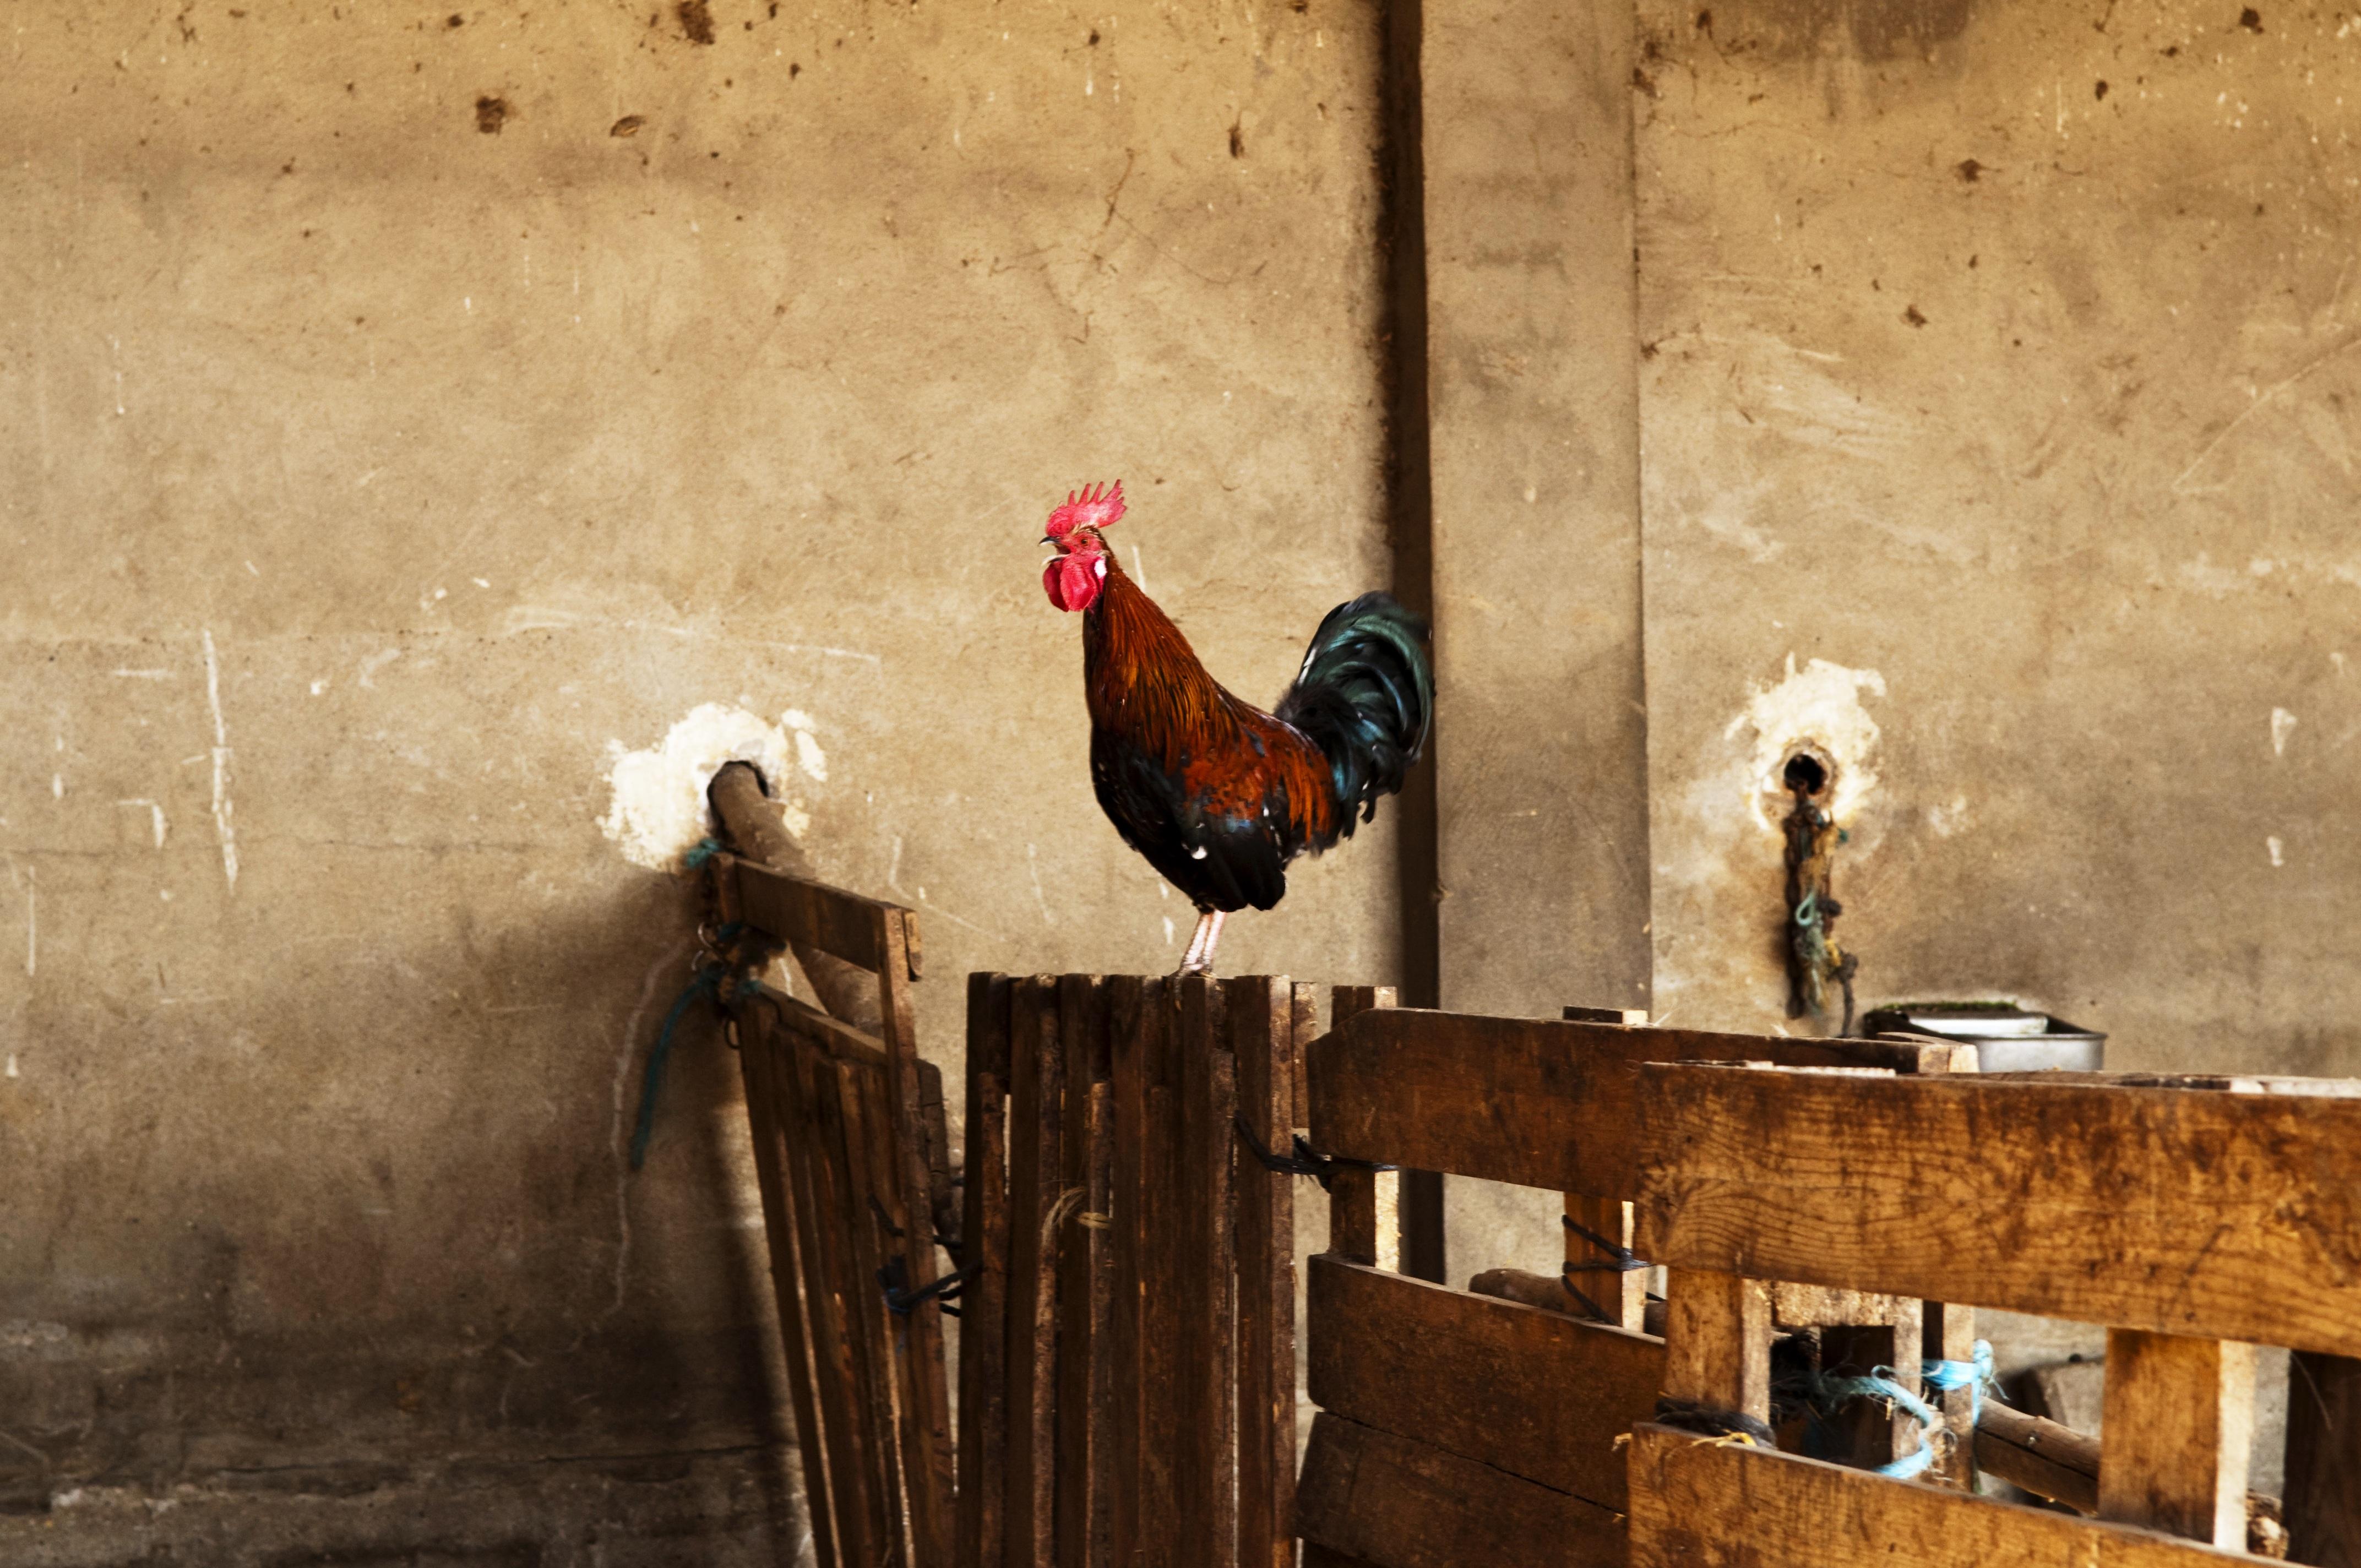 Fotos gratis : pájaro, granja, pared, color, agricultura, pollo ...